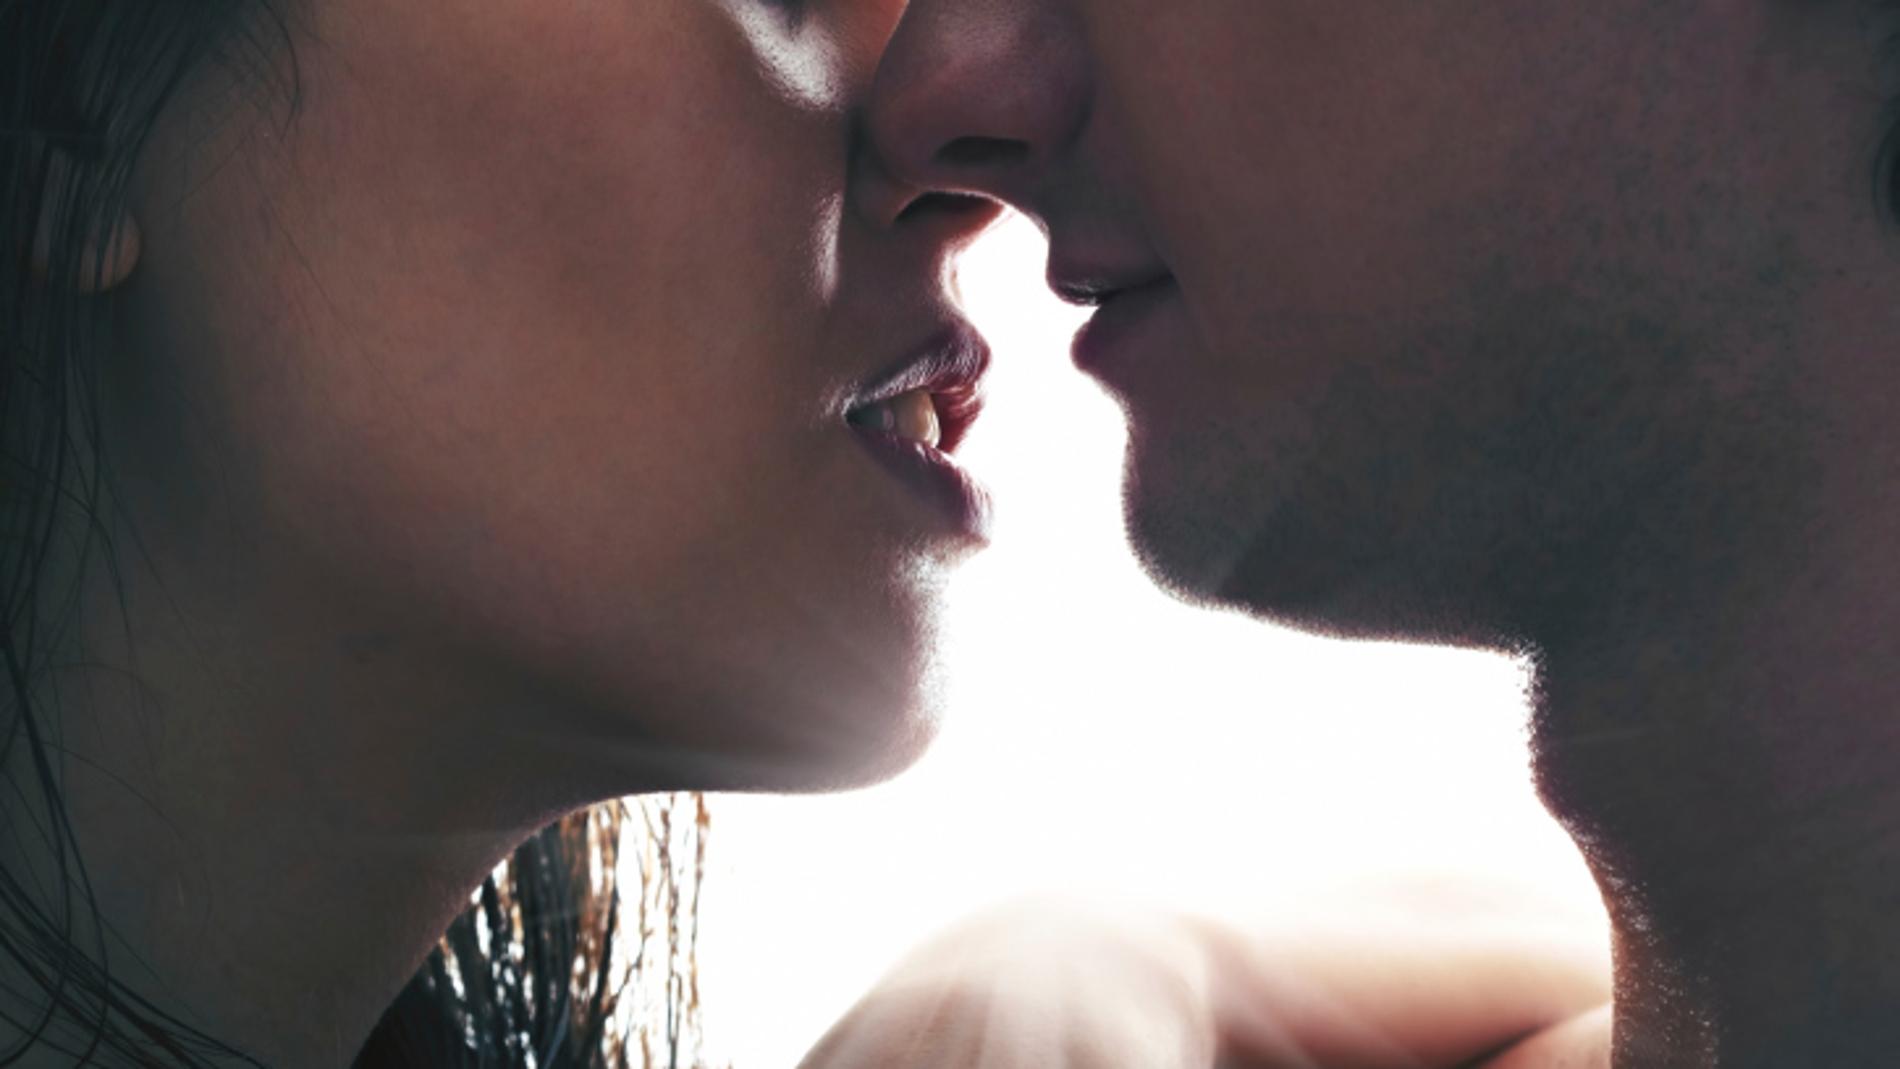 ¿Por qué debería probar el sexo tántrico?